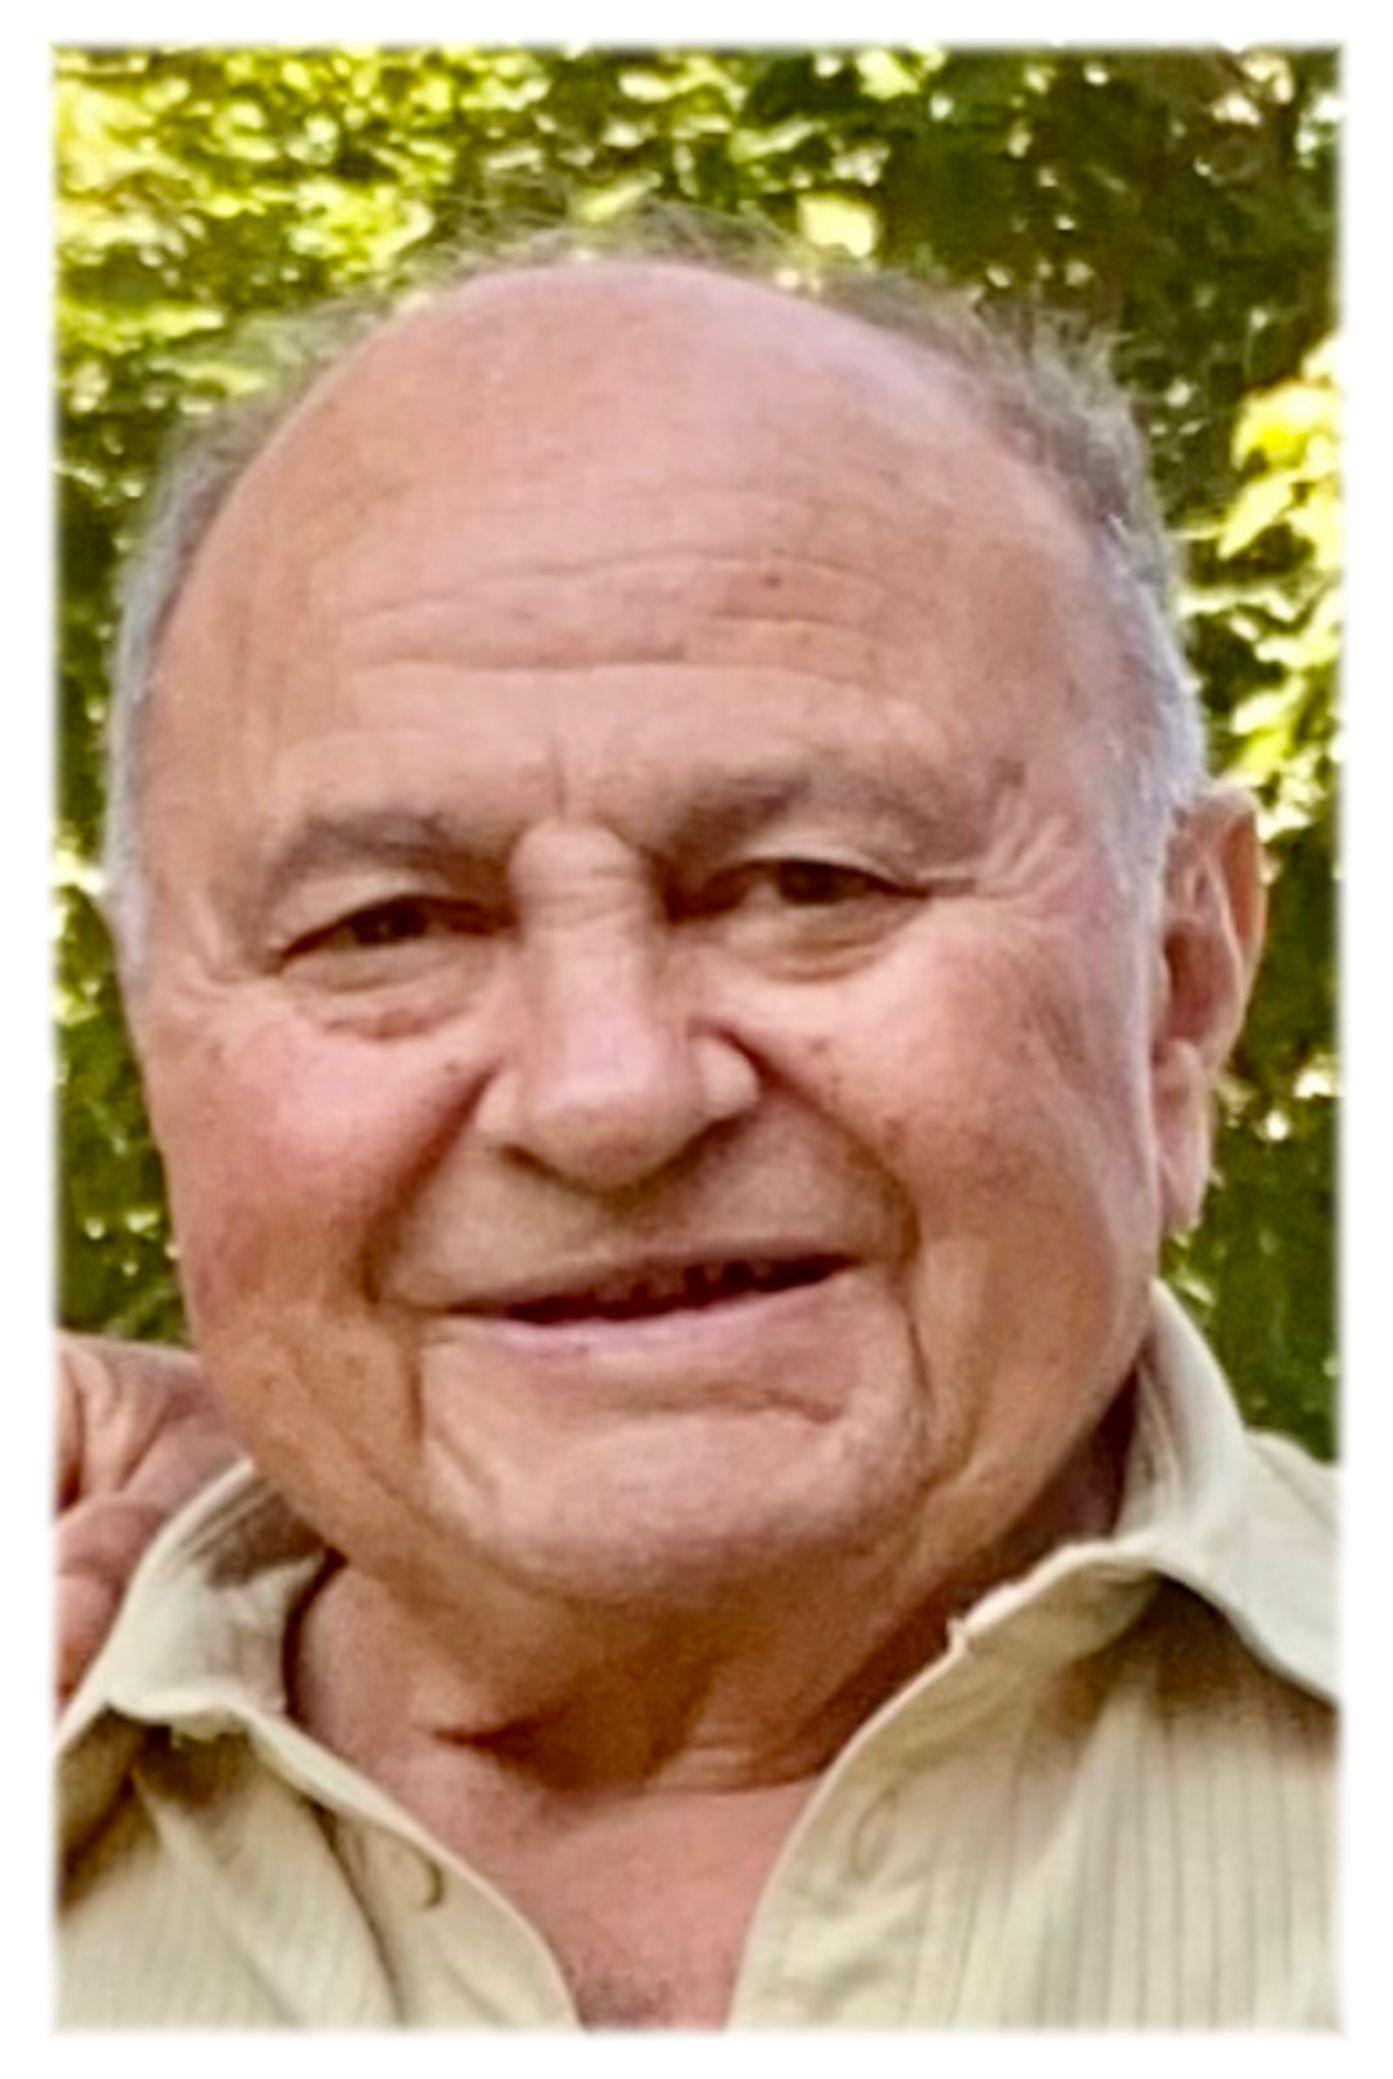 Giuseppe M. (Joe) DiFrancesco